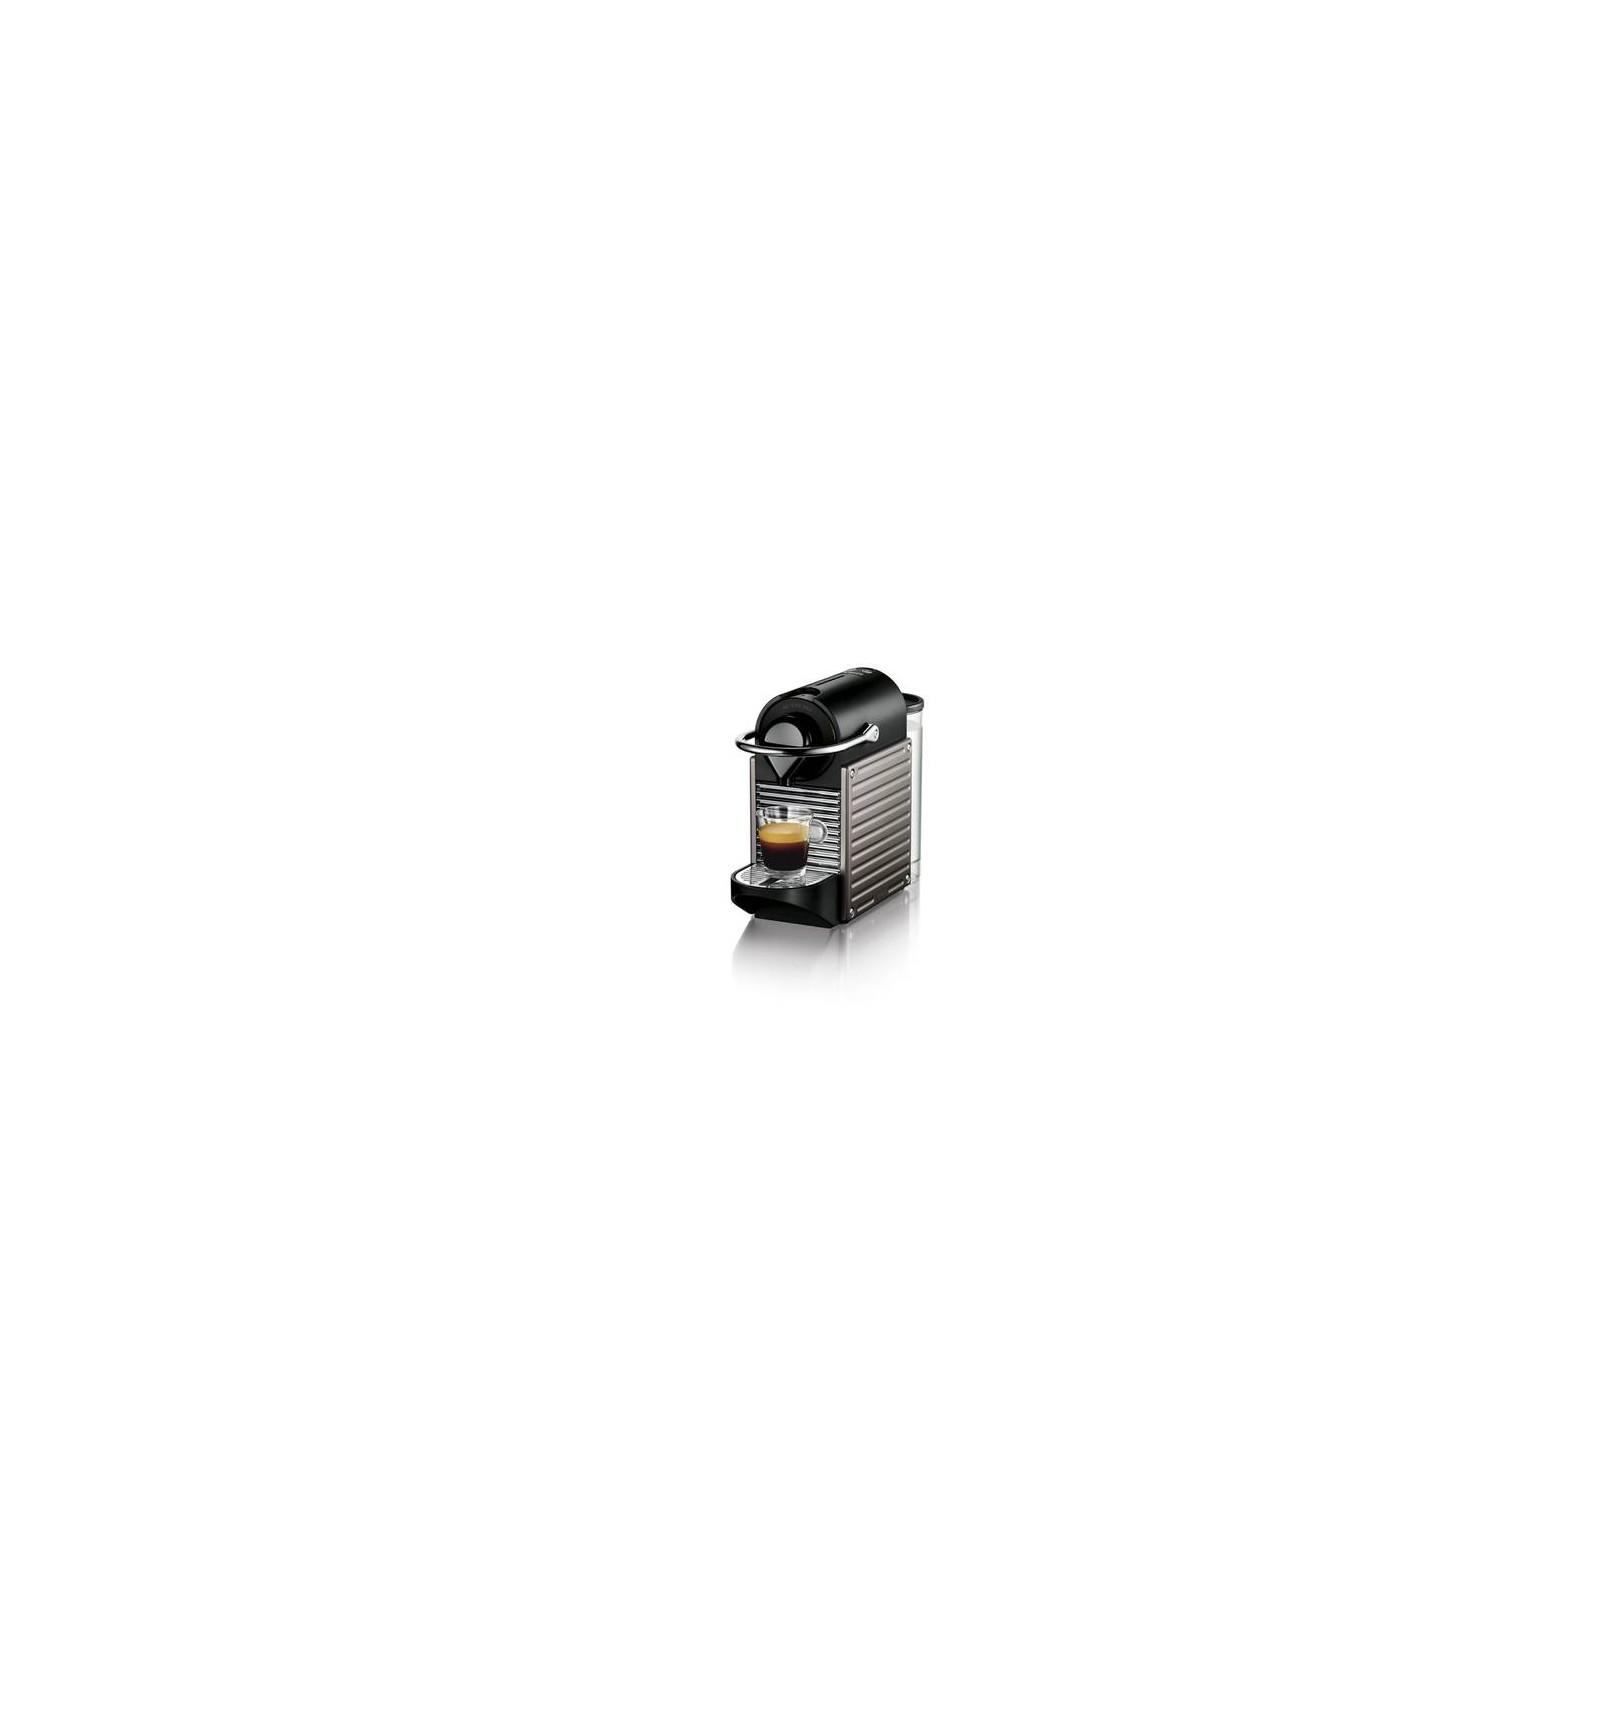 Krups Pixie Nespresso Titane Electrique Yy1201fd Lebonchop Des Arrivages De Grandes Marques Des Produits Neufs Ou D Occasion Toujours Au Meilleur Prix